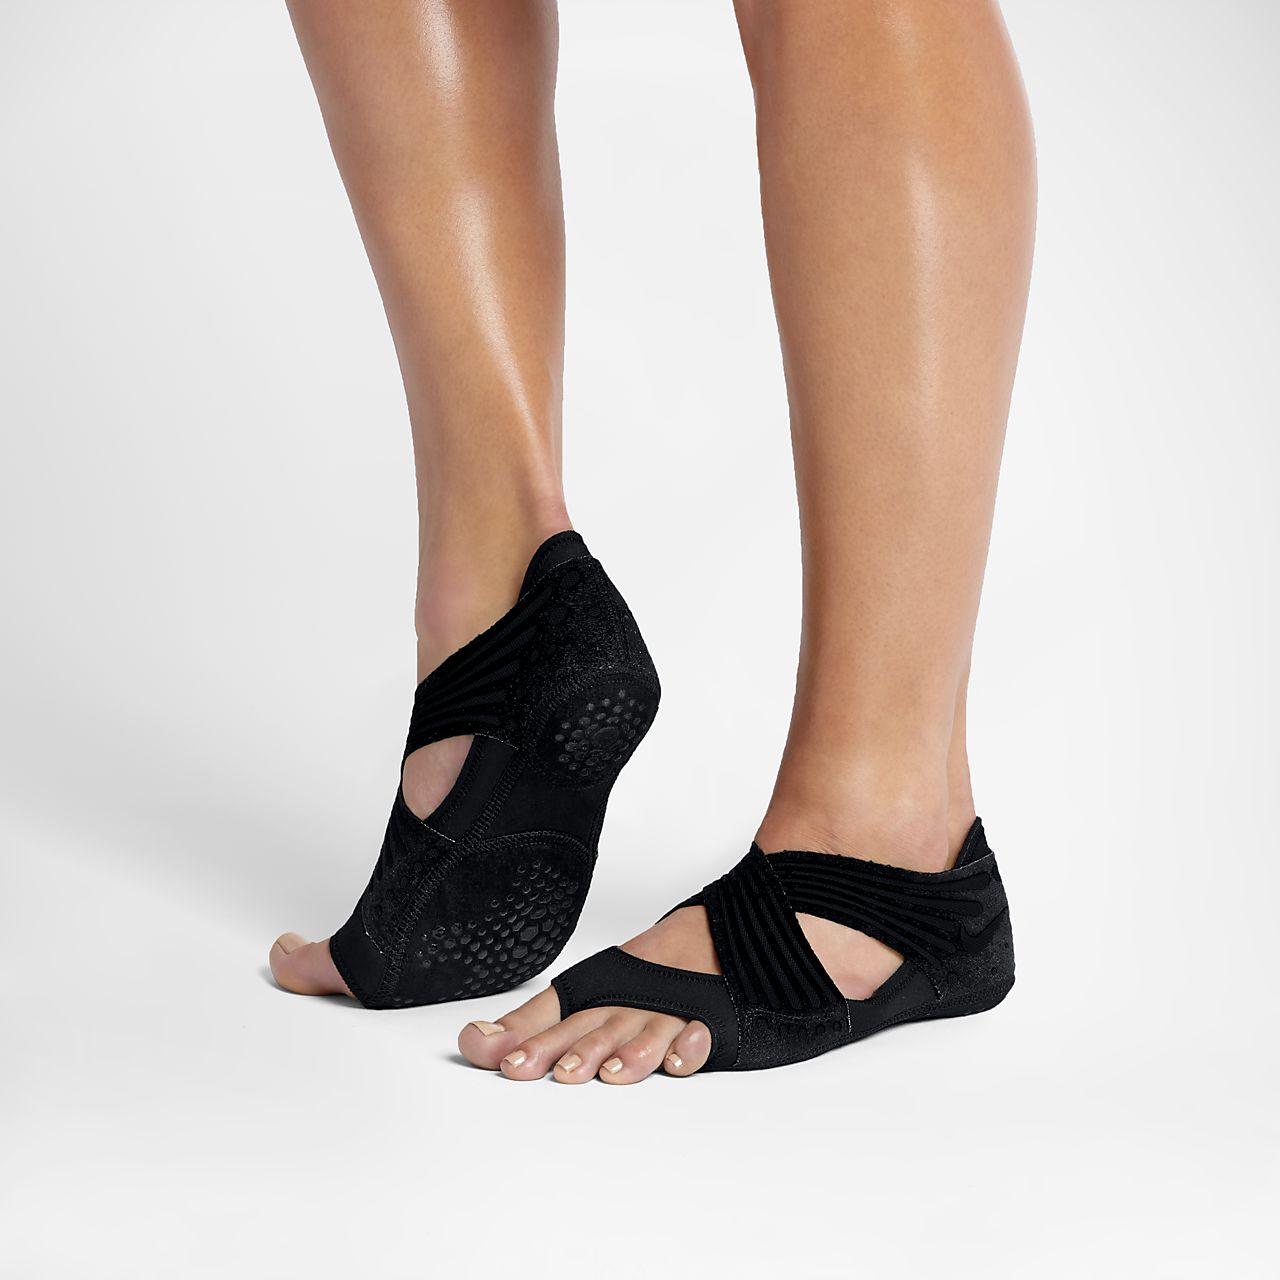 รองเท้าเทรนนิ่งผู้หญิง Nike Studio Wrap 4